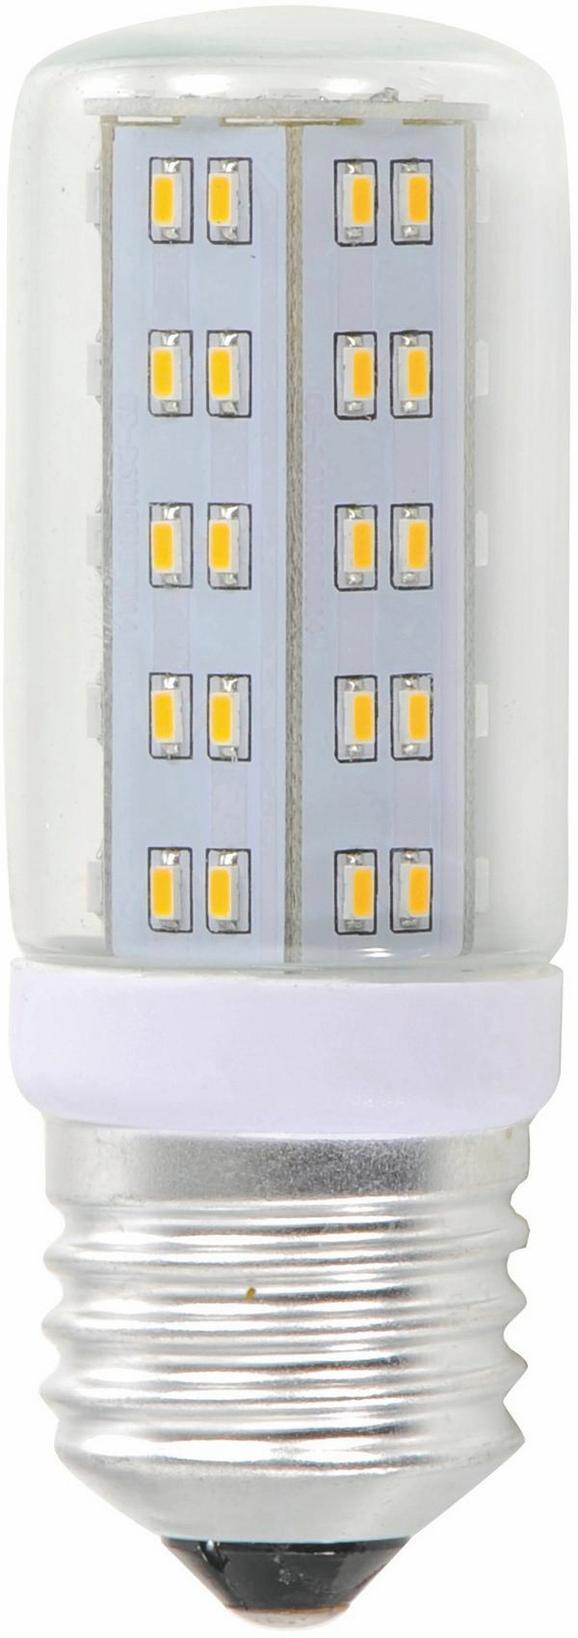 Žarnica 08130 - bela (8.9cm)